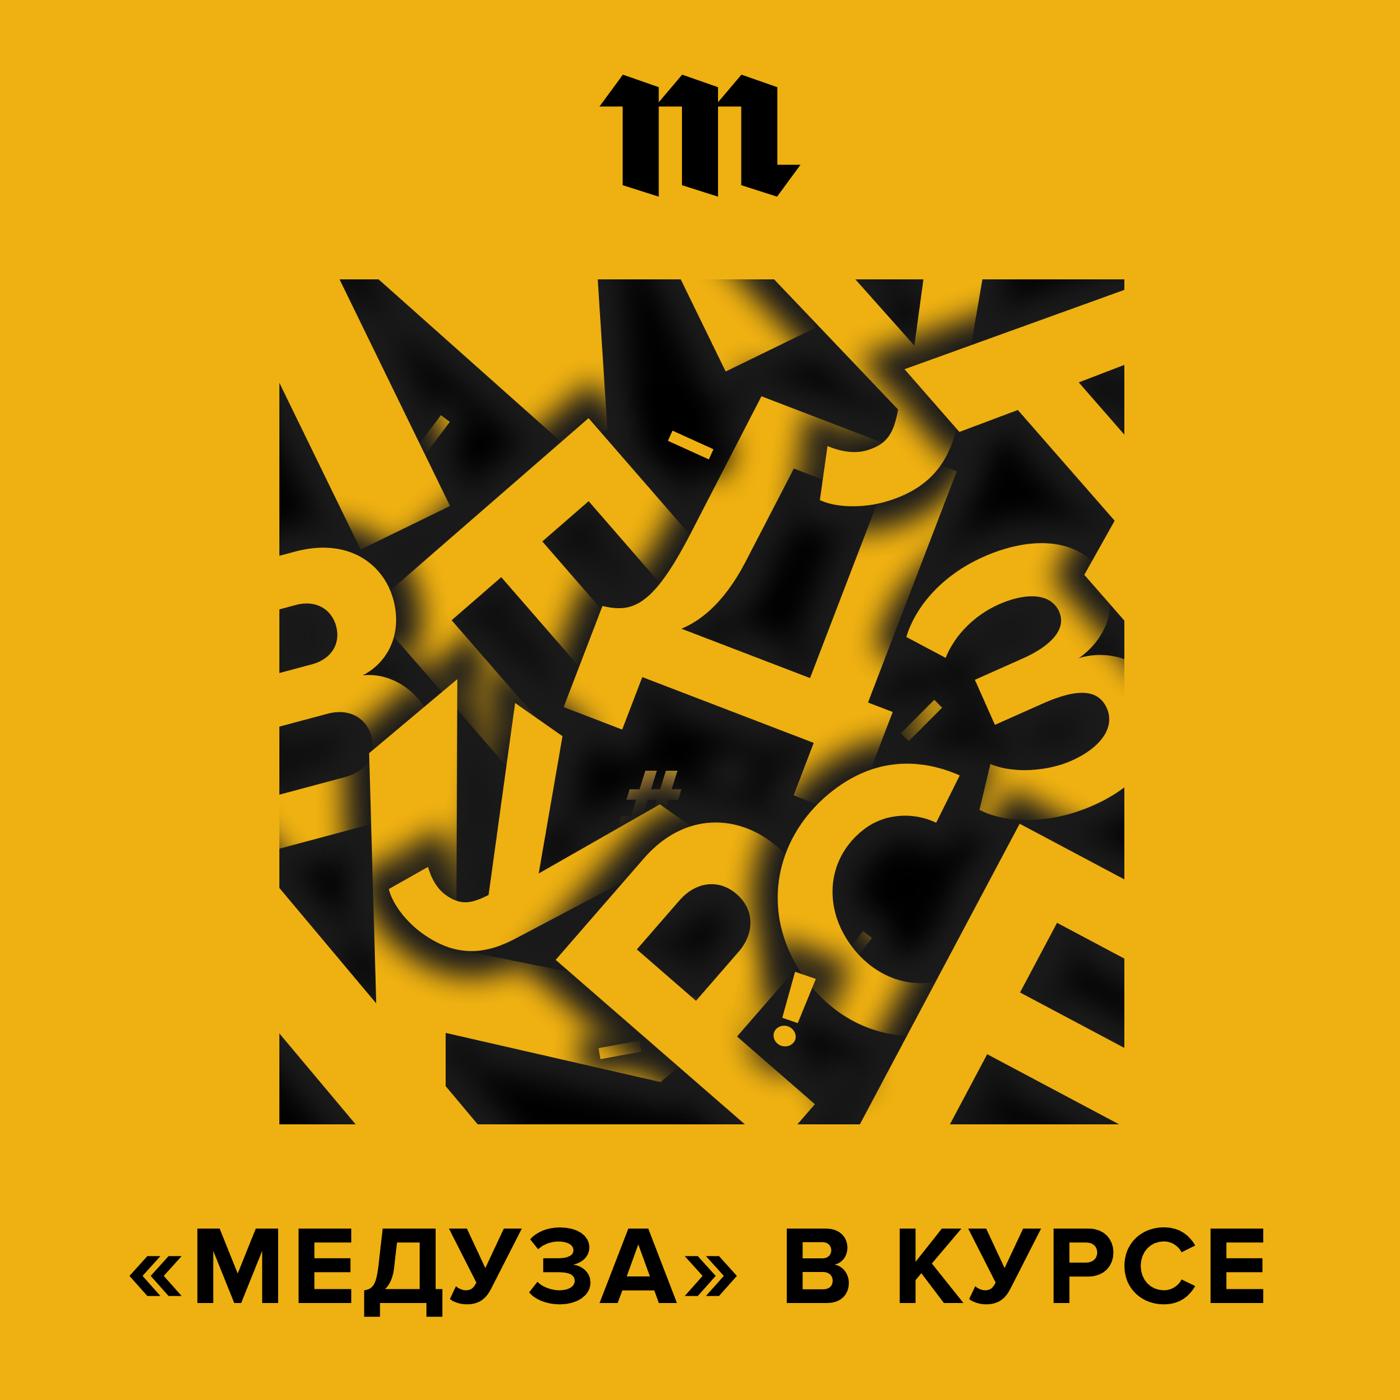 Алексей Пономарев Три чукотских мудреца: как устроены песниЦоя. Спецвыпуск цена 2017